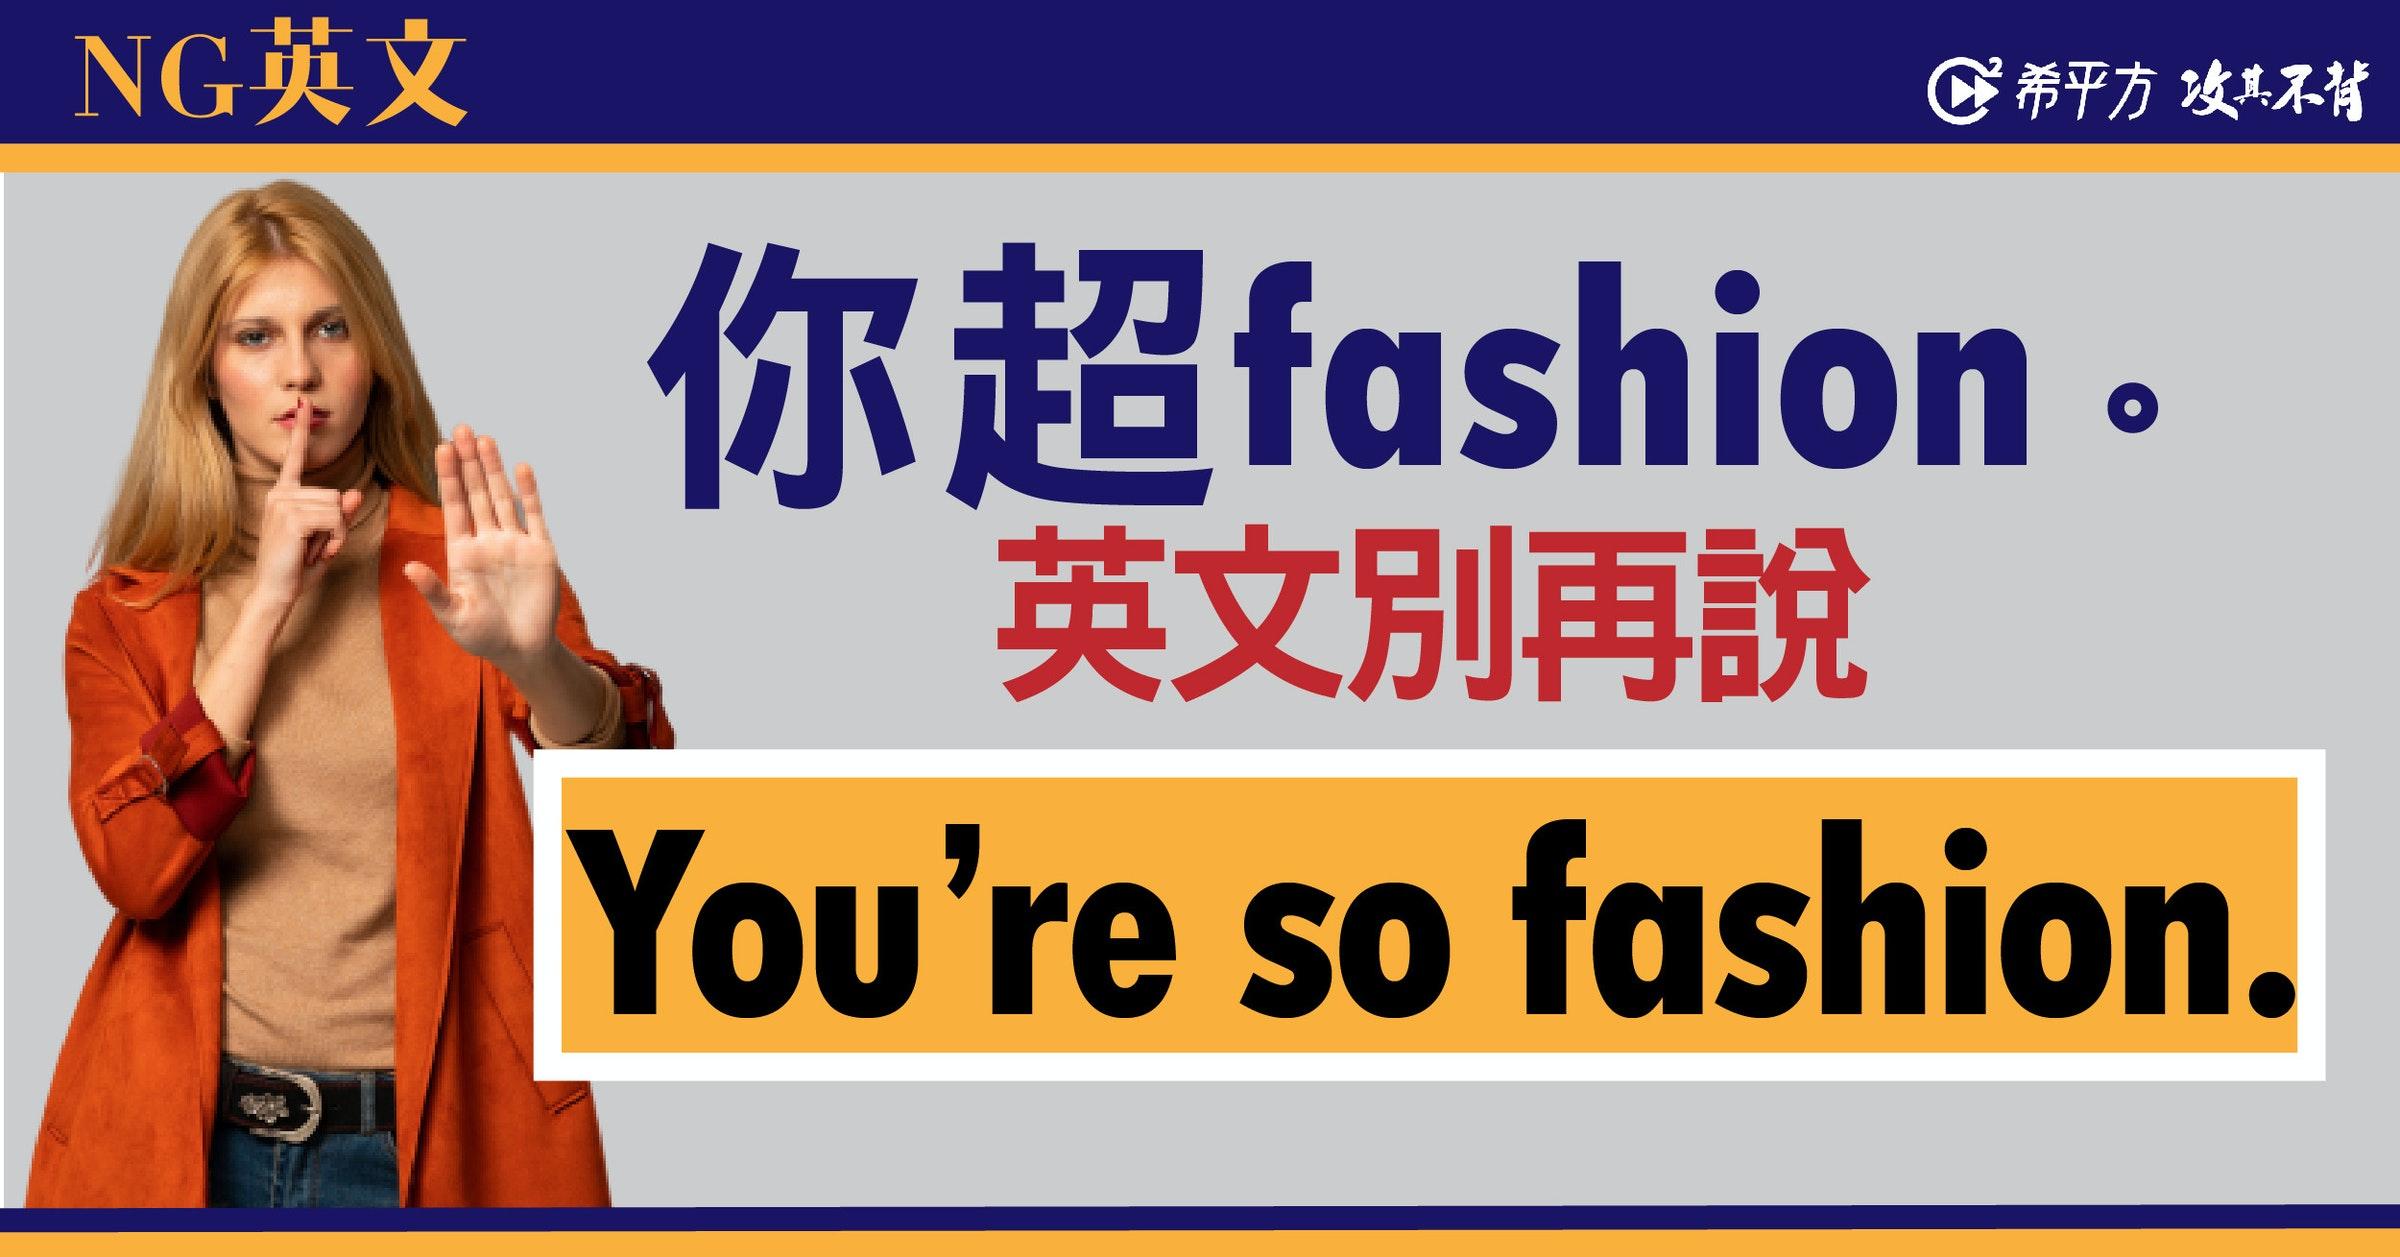 照片中提到了NG英文、C希平方 攻真不讨、你超fashion。,跟NCIX有關,包含了旗幟、牌、公共關係、旗幟、展示廣告